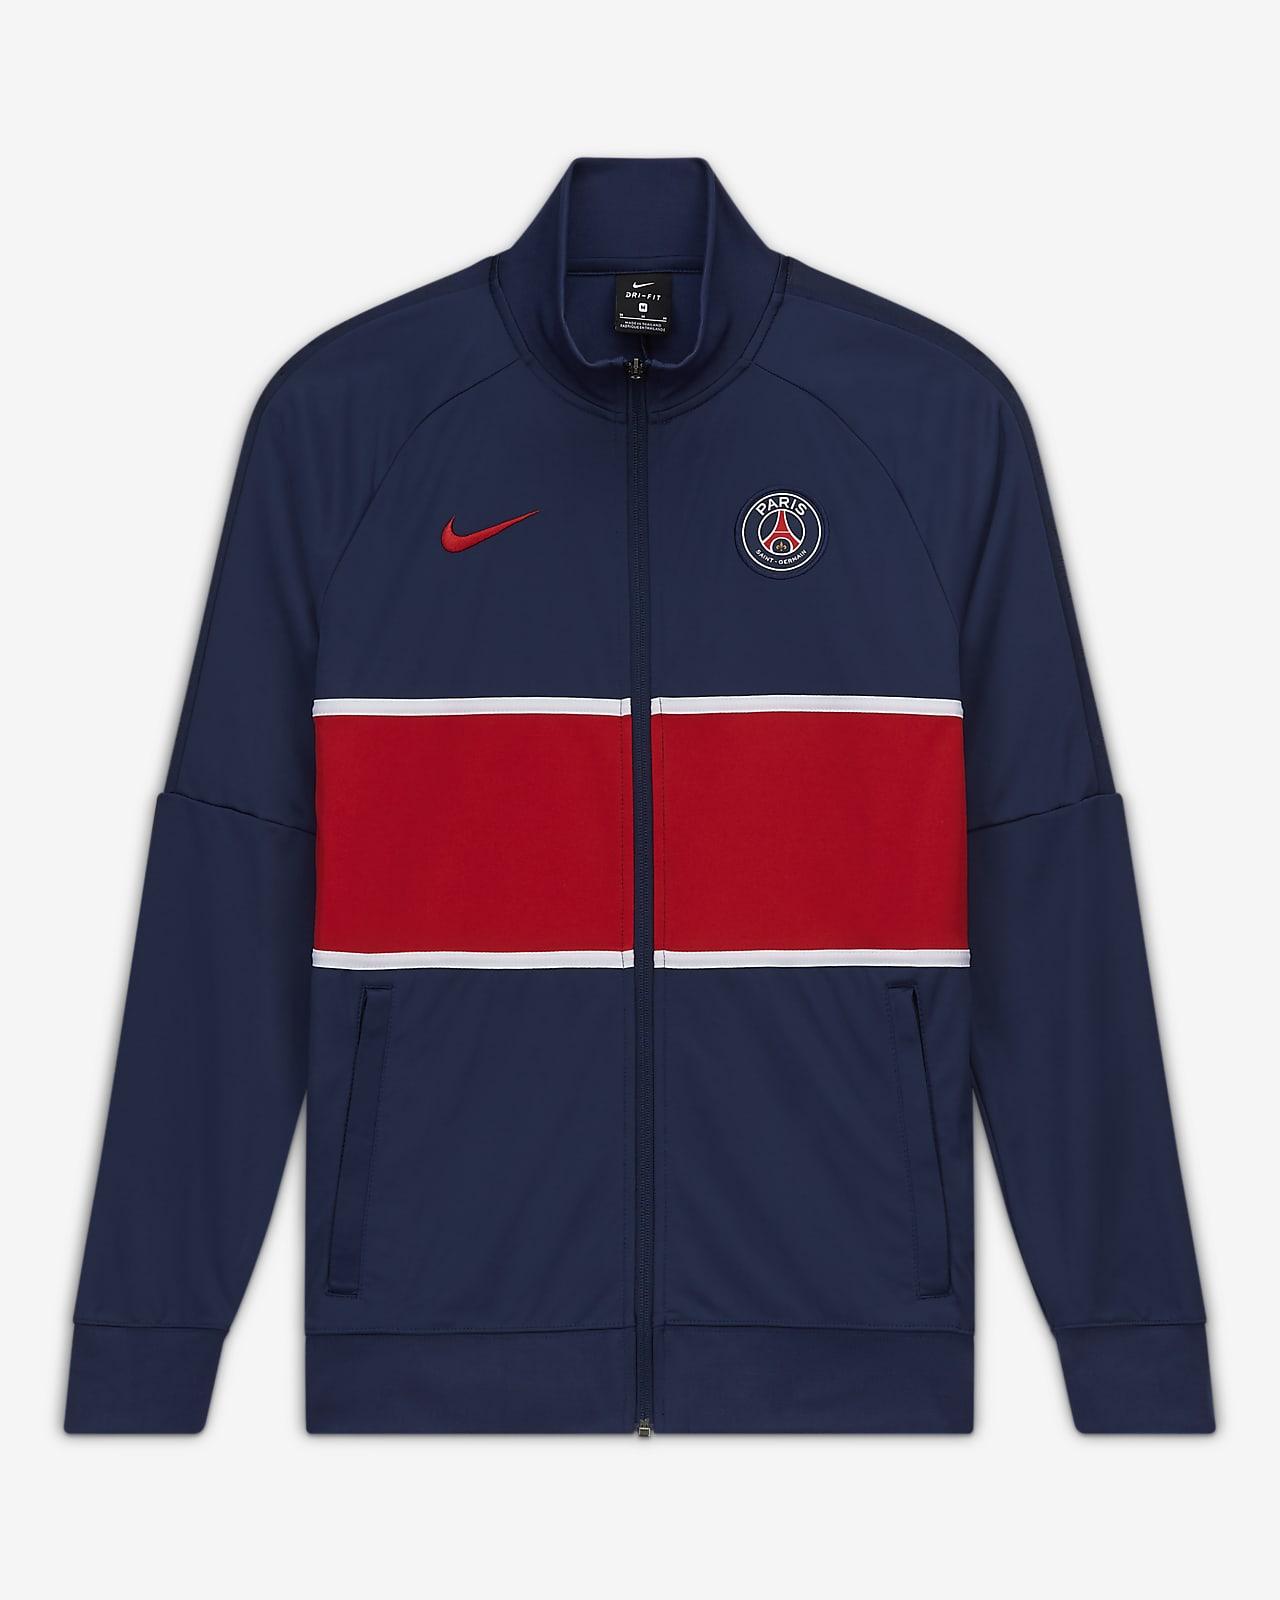 Paris Saint-Germain Men's Tracksuit Jacket